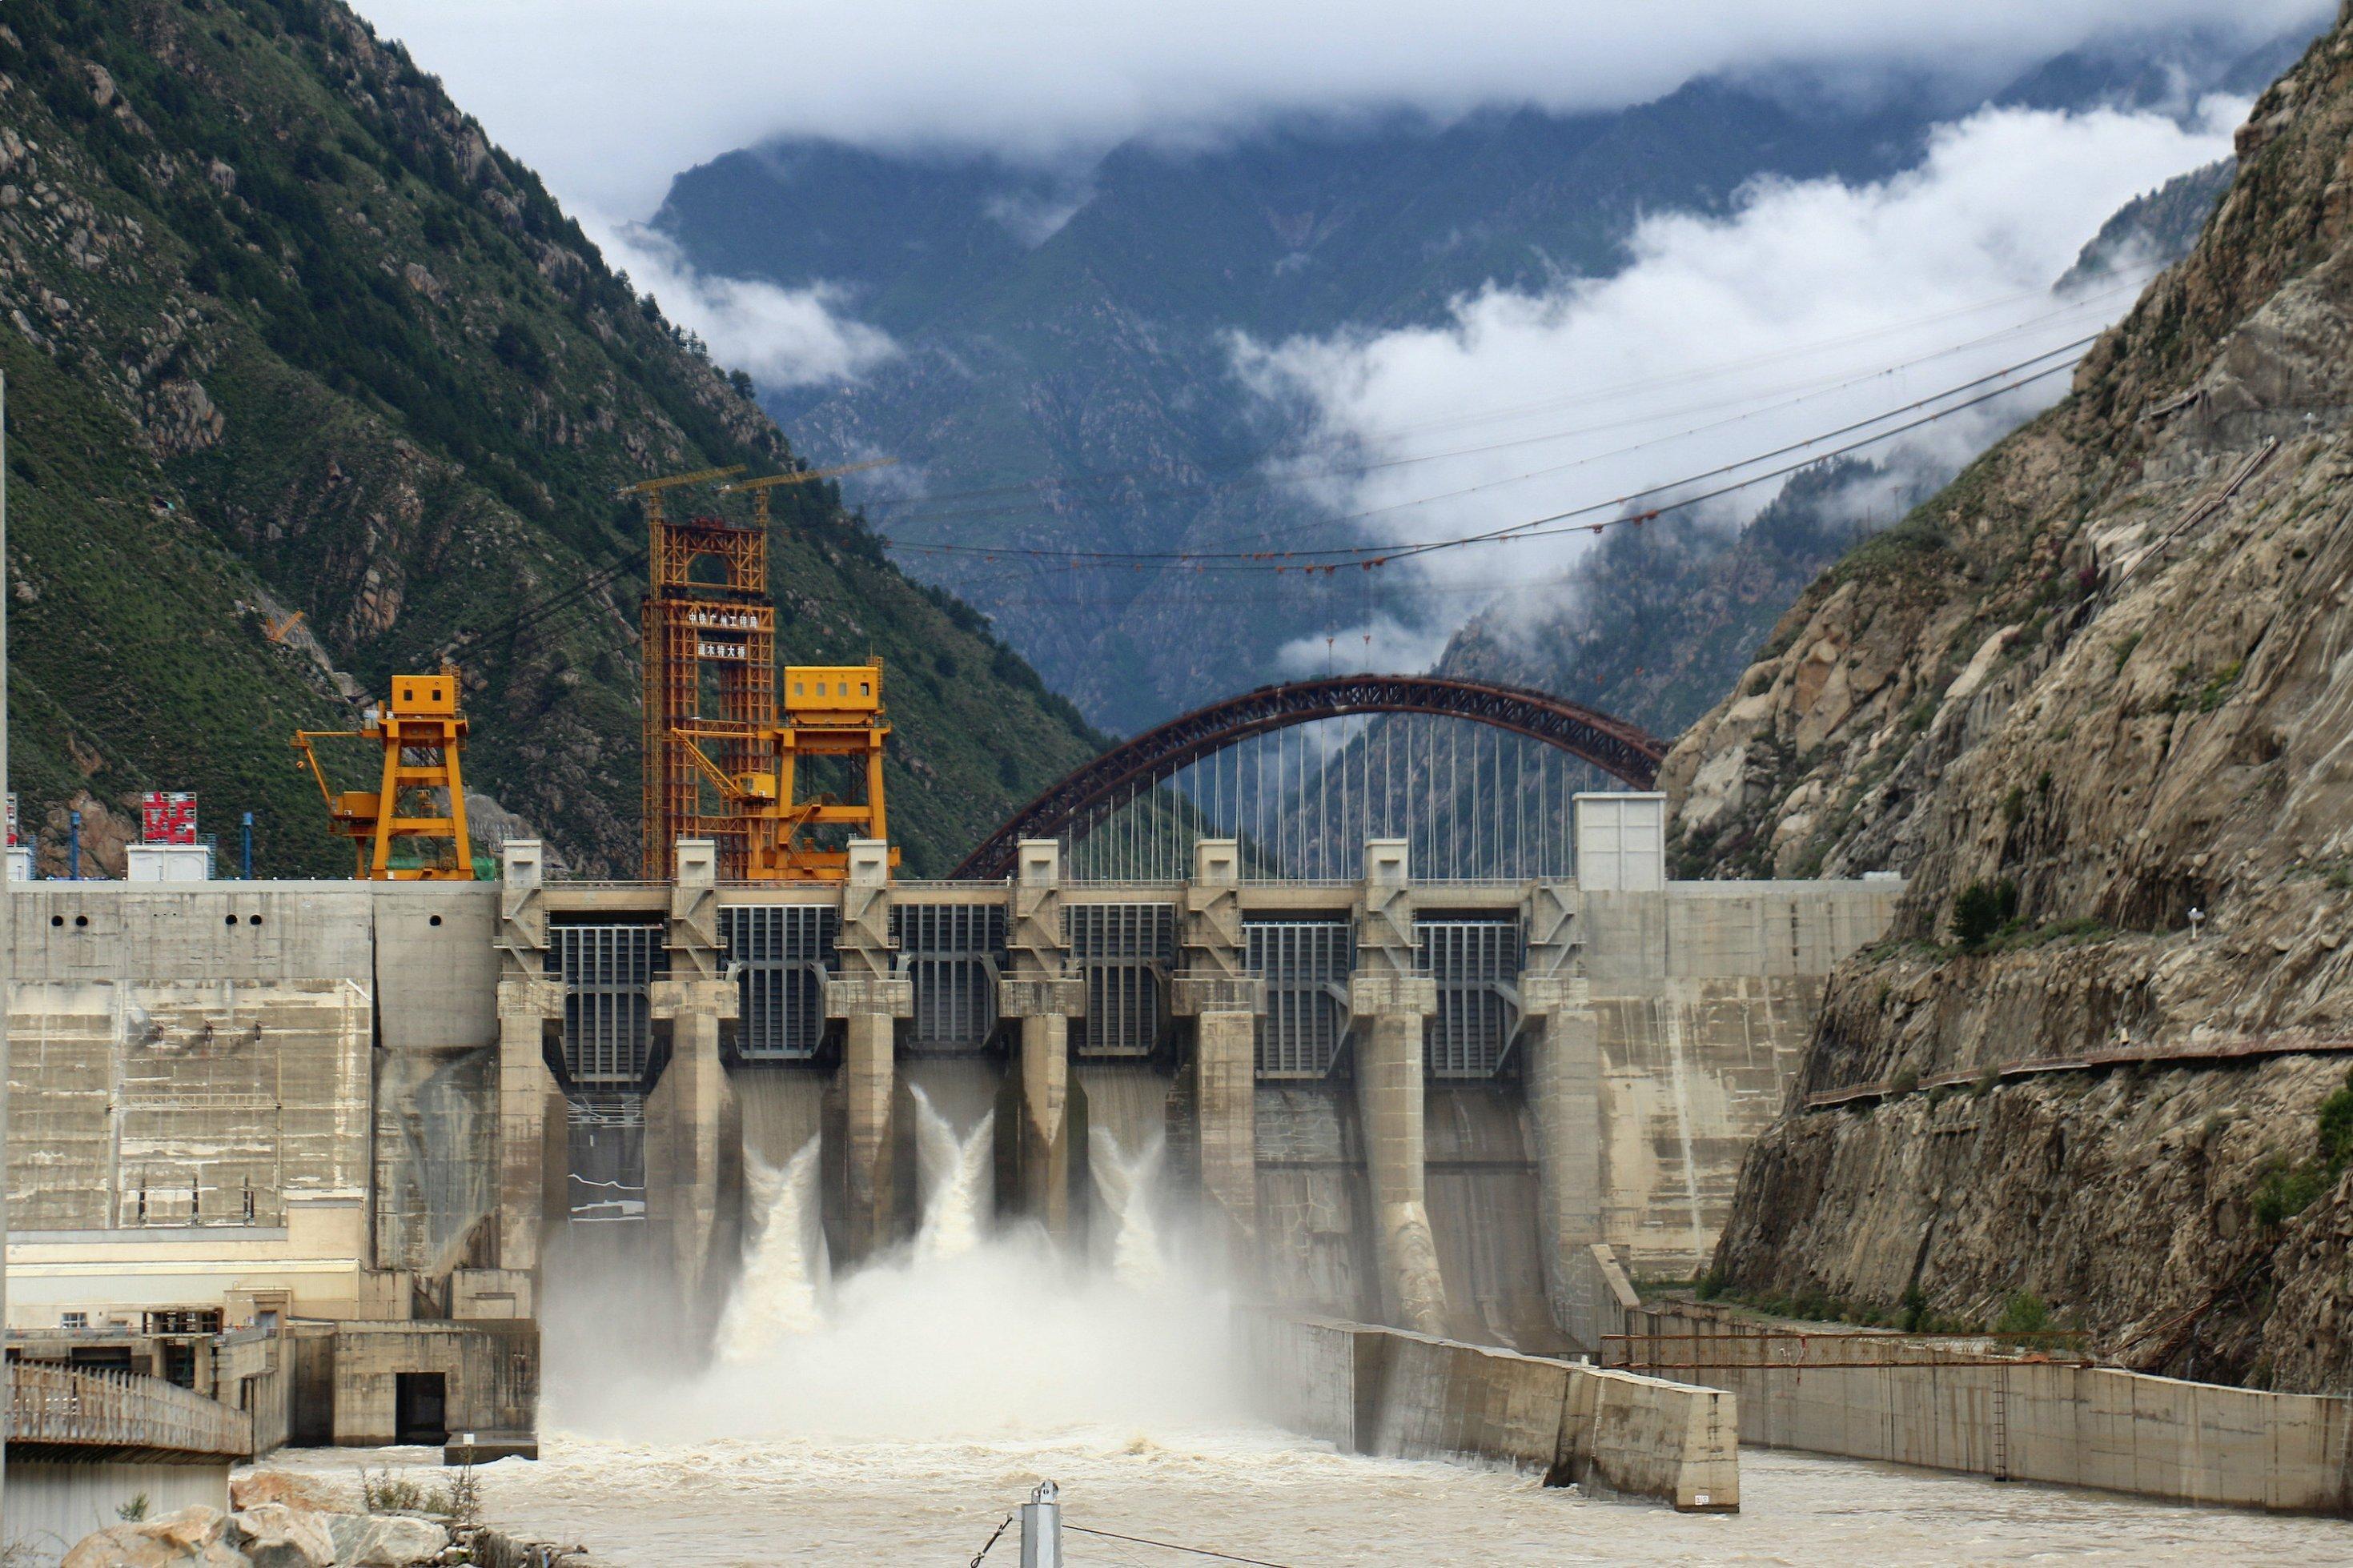 Großer Staudamm in einem engen Tal, Wasser schießt durch die Turbine